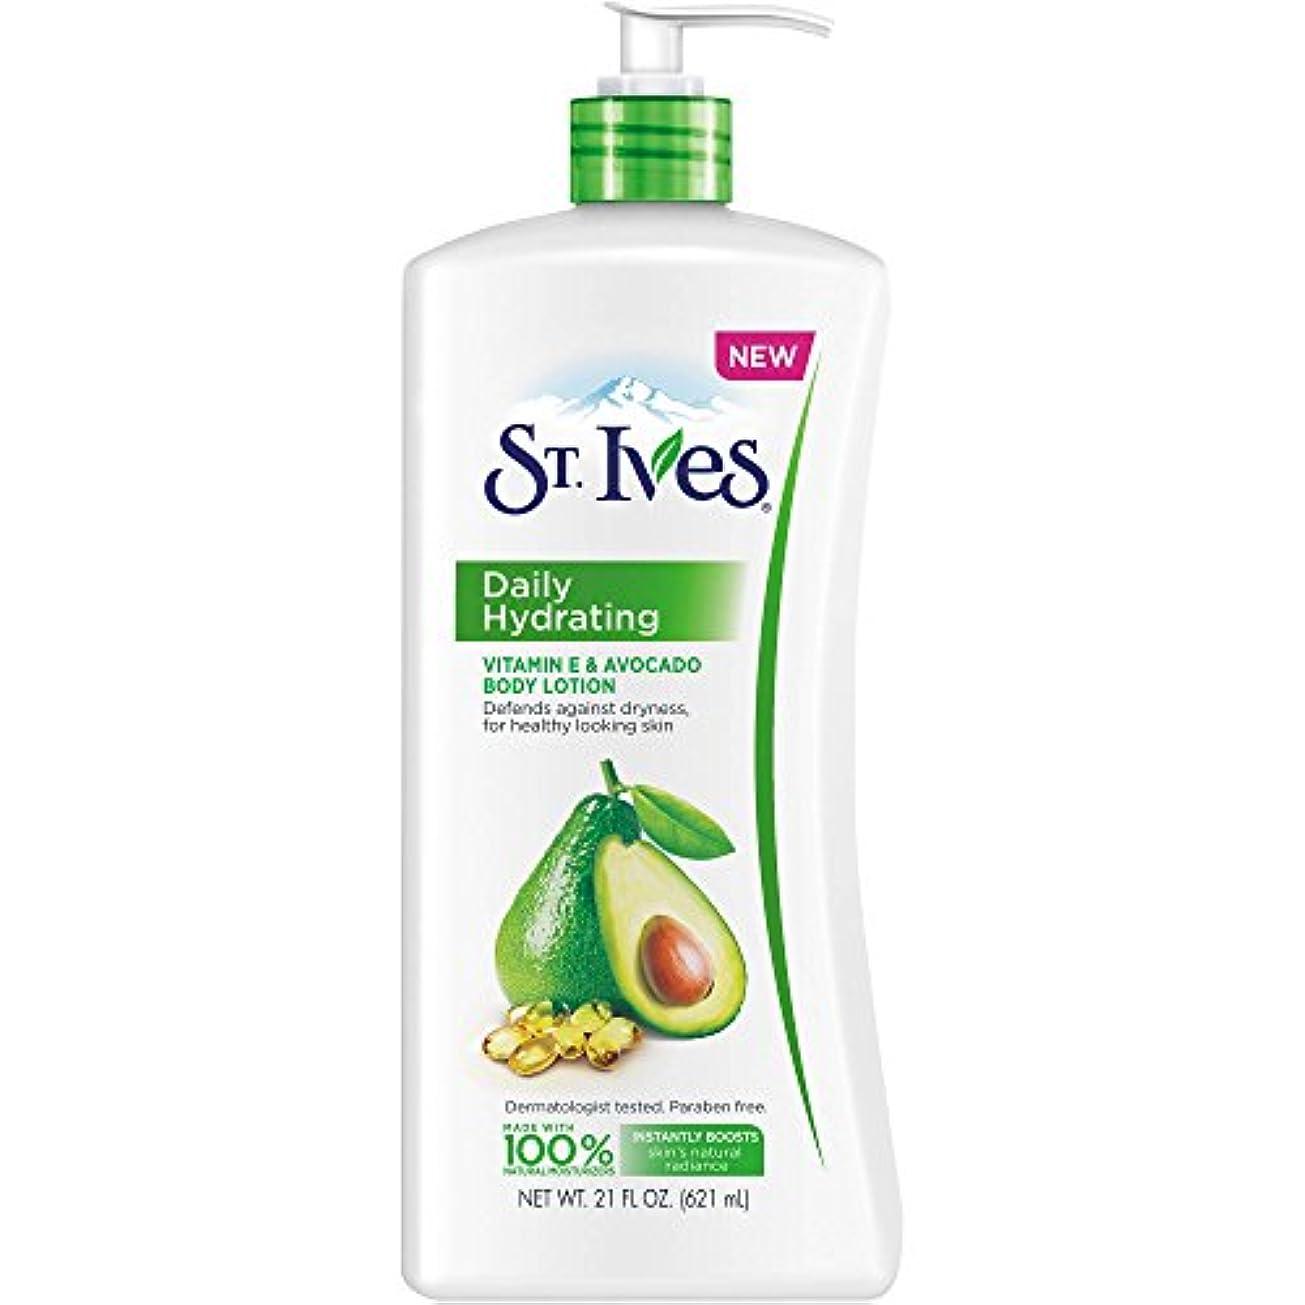 周術期写真縫うSt. Ives Daily Hydrating Vitamin E and Avocado Body Lotion [並行輸入品]